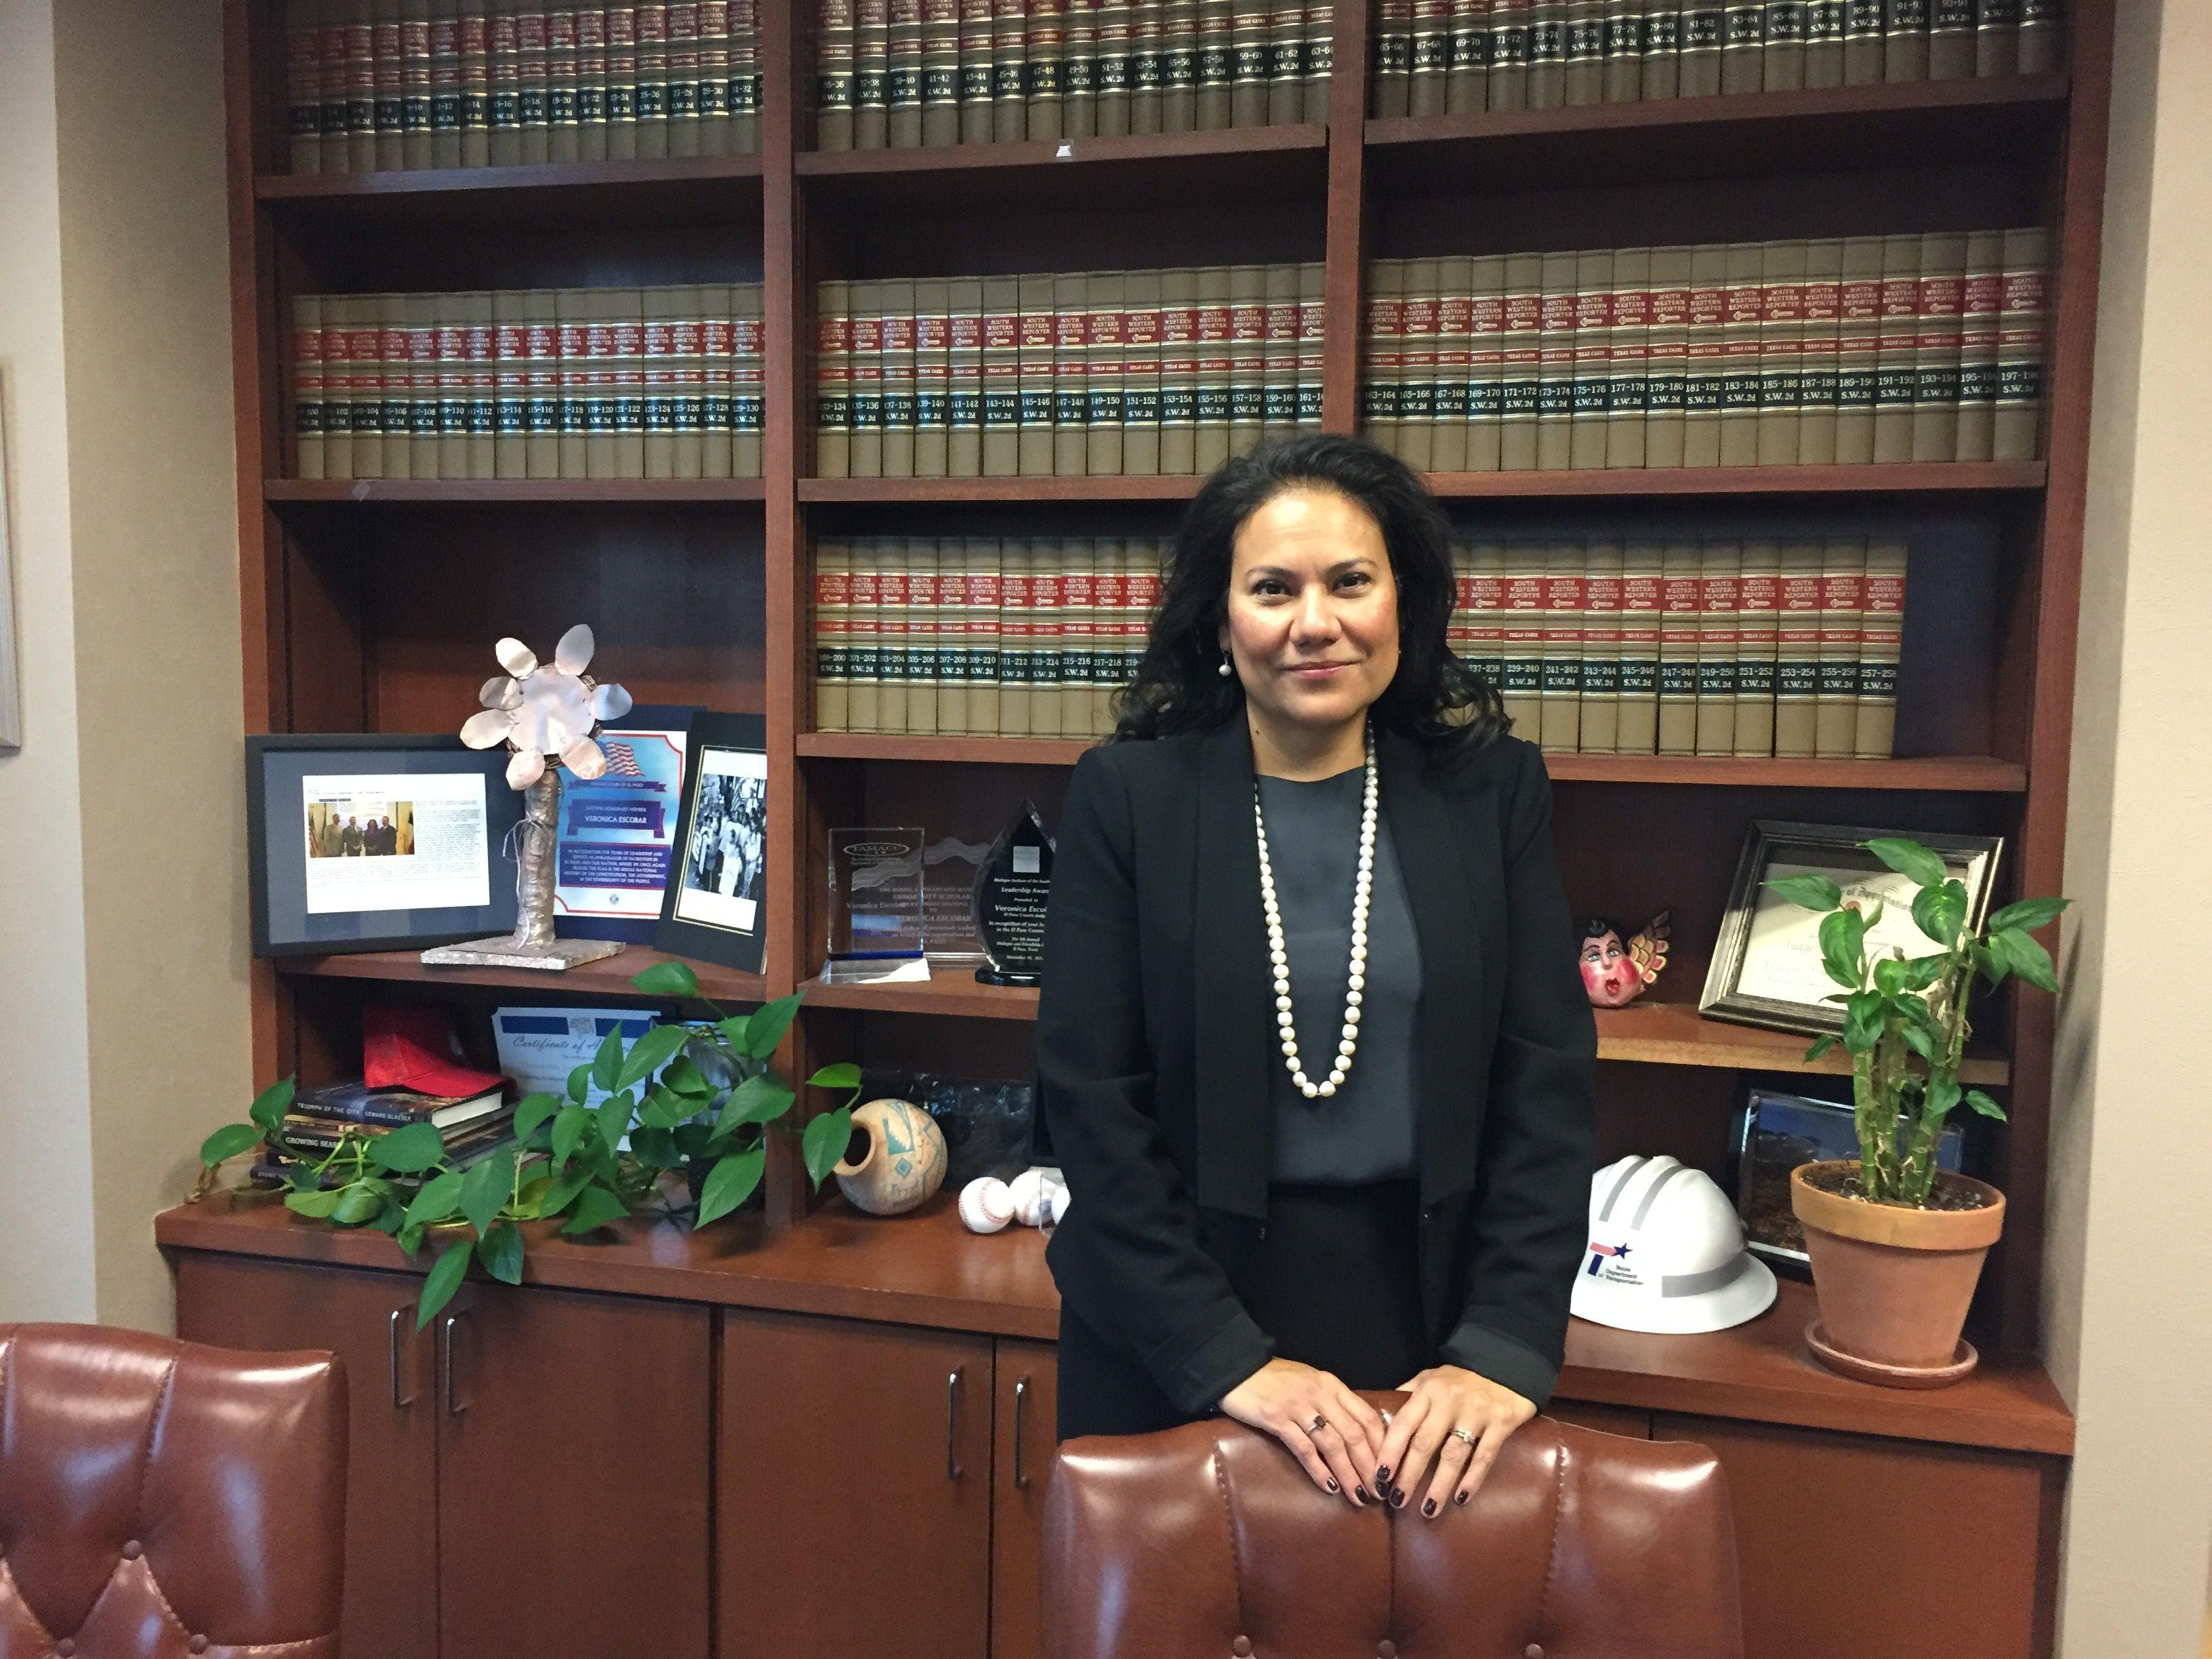 EL PASO, TX - NOVEMBER 3: Judge Veronica Escobar in her office